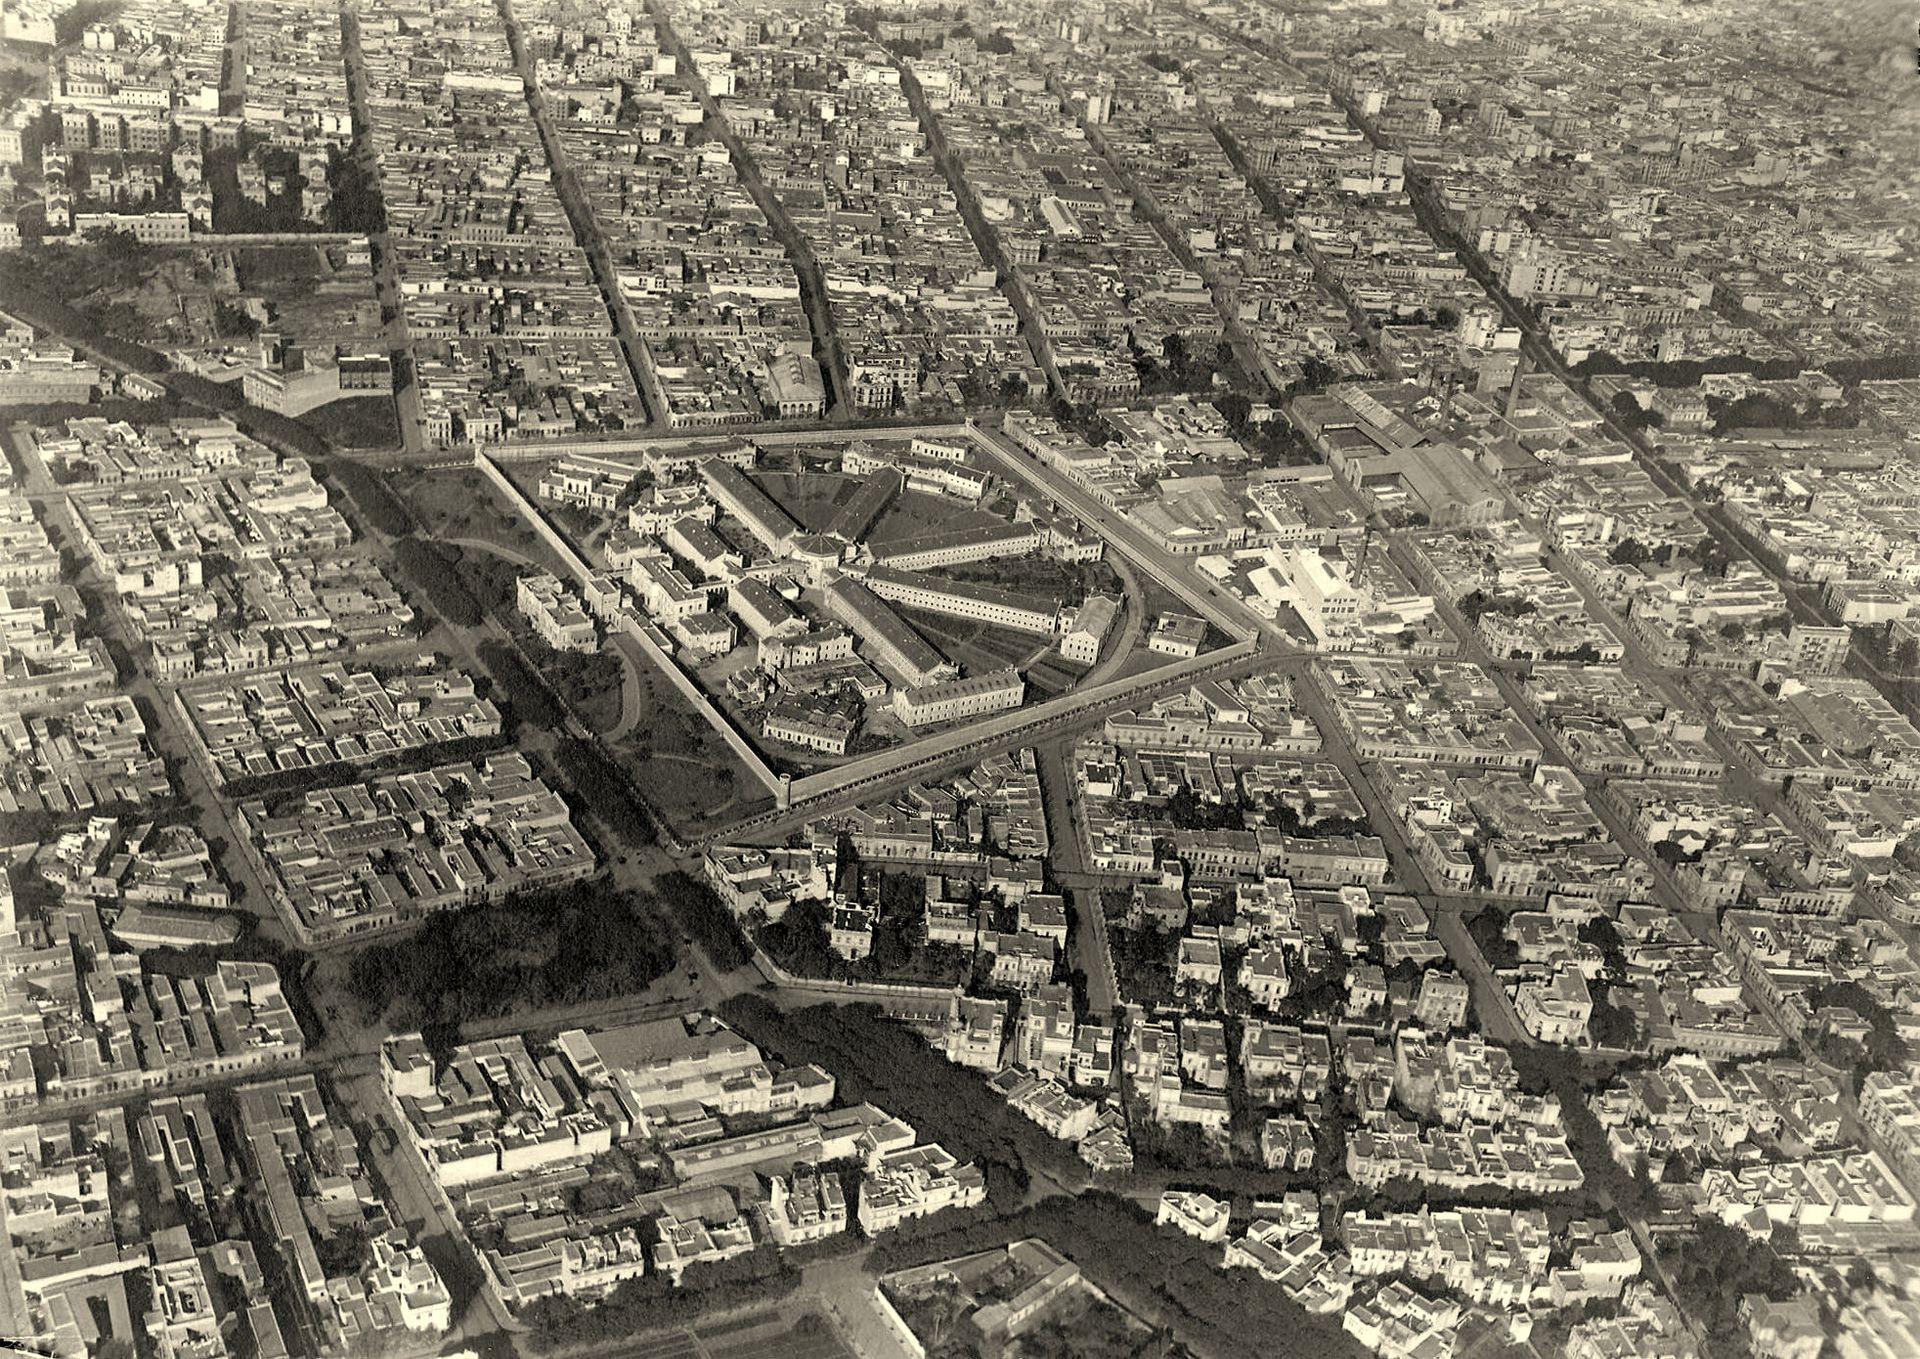 La penitenciaría (actual Parque Las Heras).